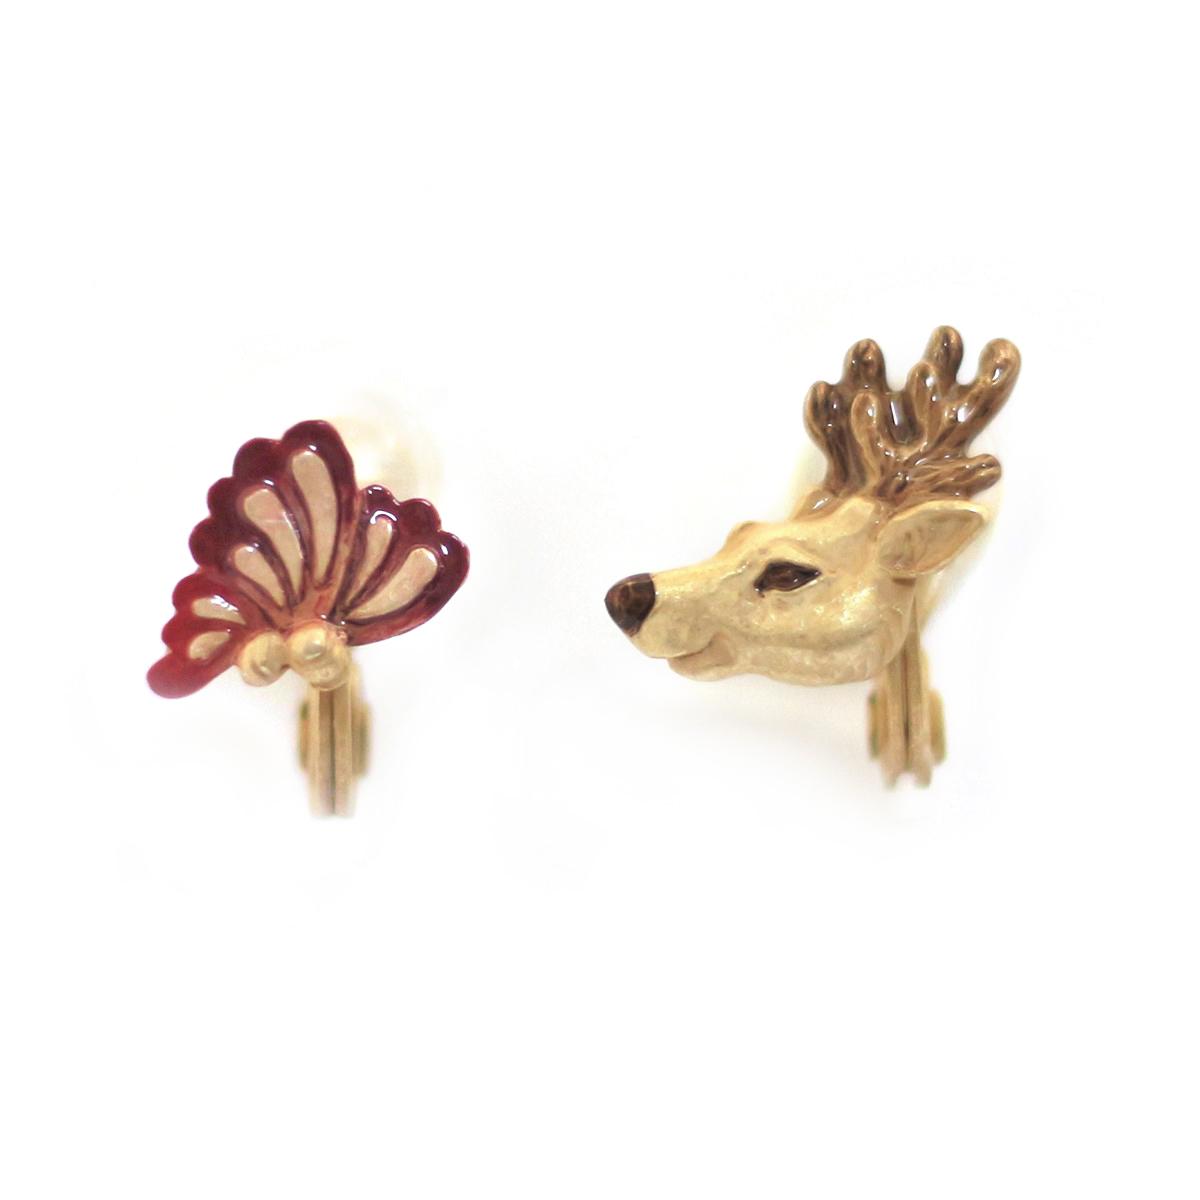 【スプリングセール】蝶鹿(ちょうか)イヤリング / イヤリング